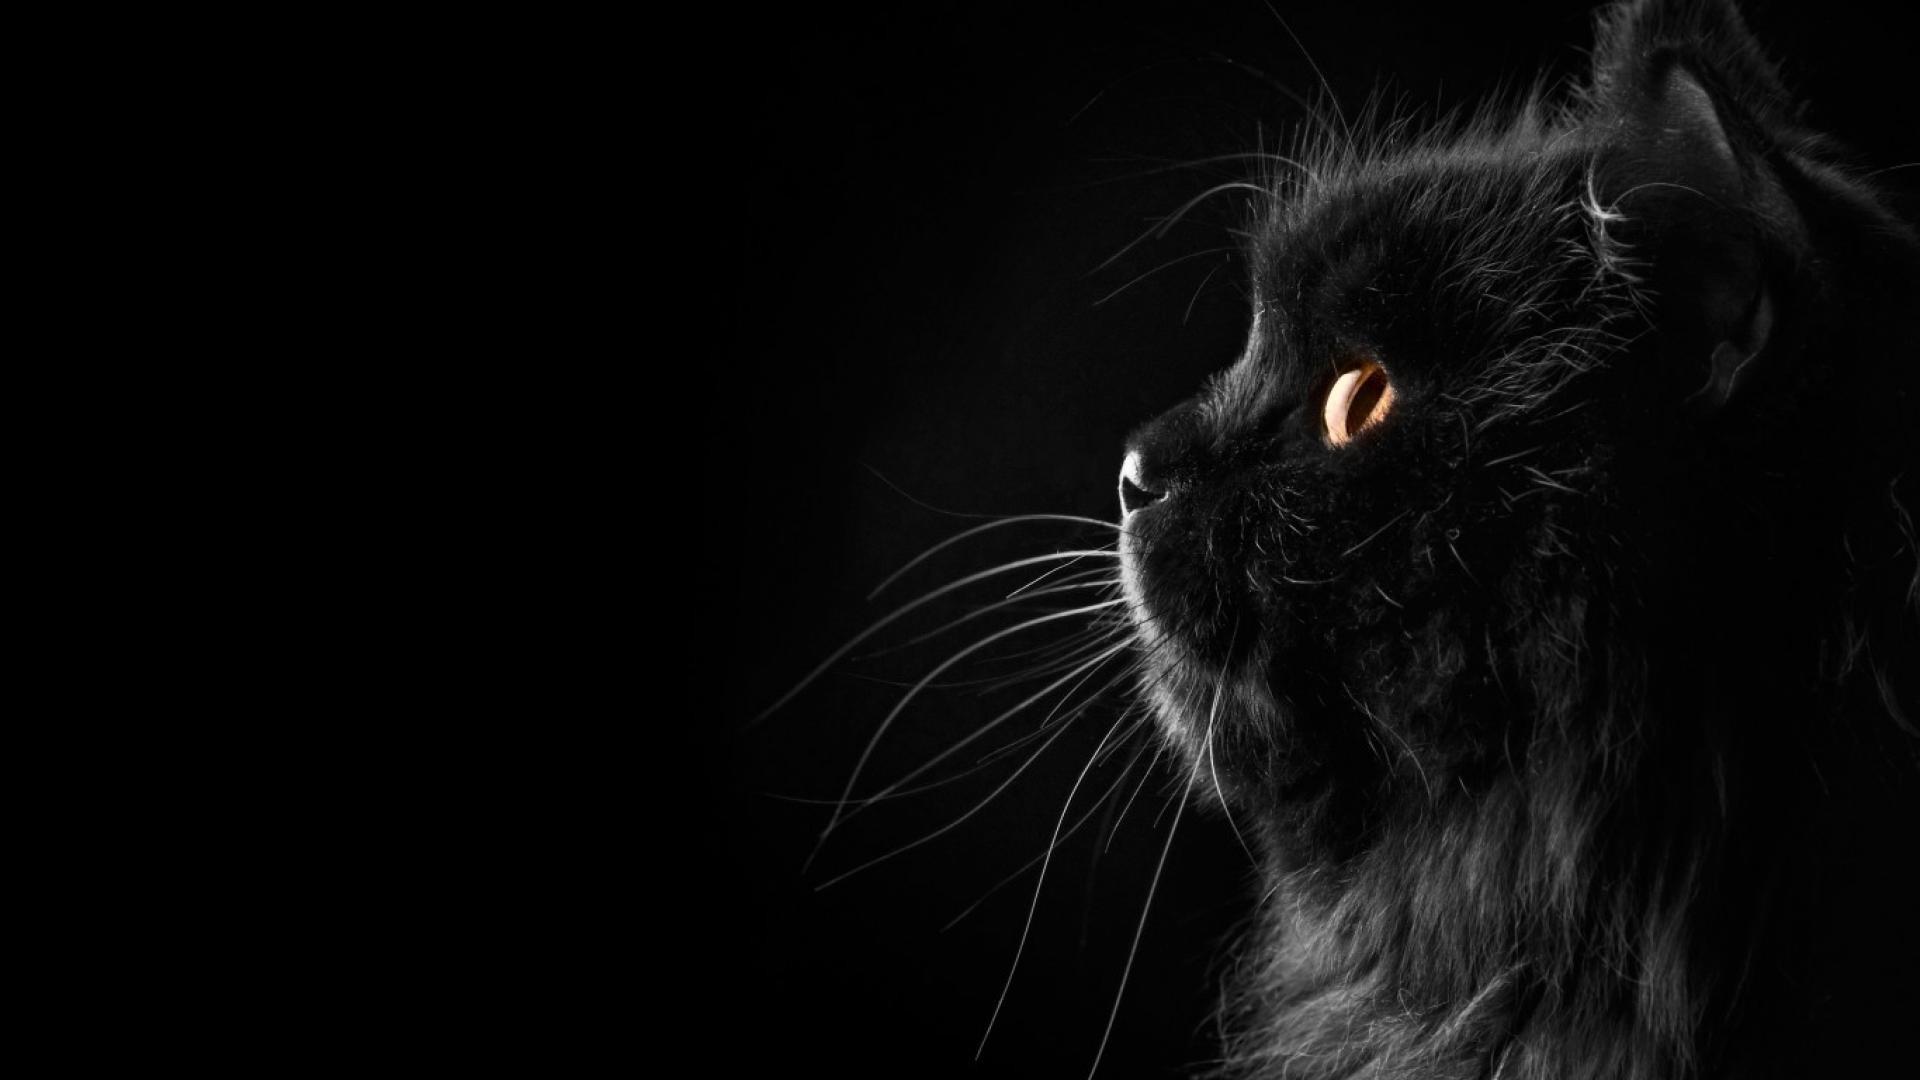 Black Cat Wallpaper 3002 HD Wallpapers | pictwalls.